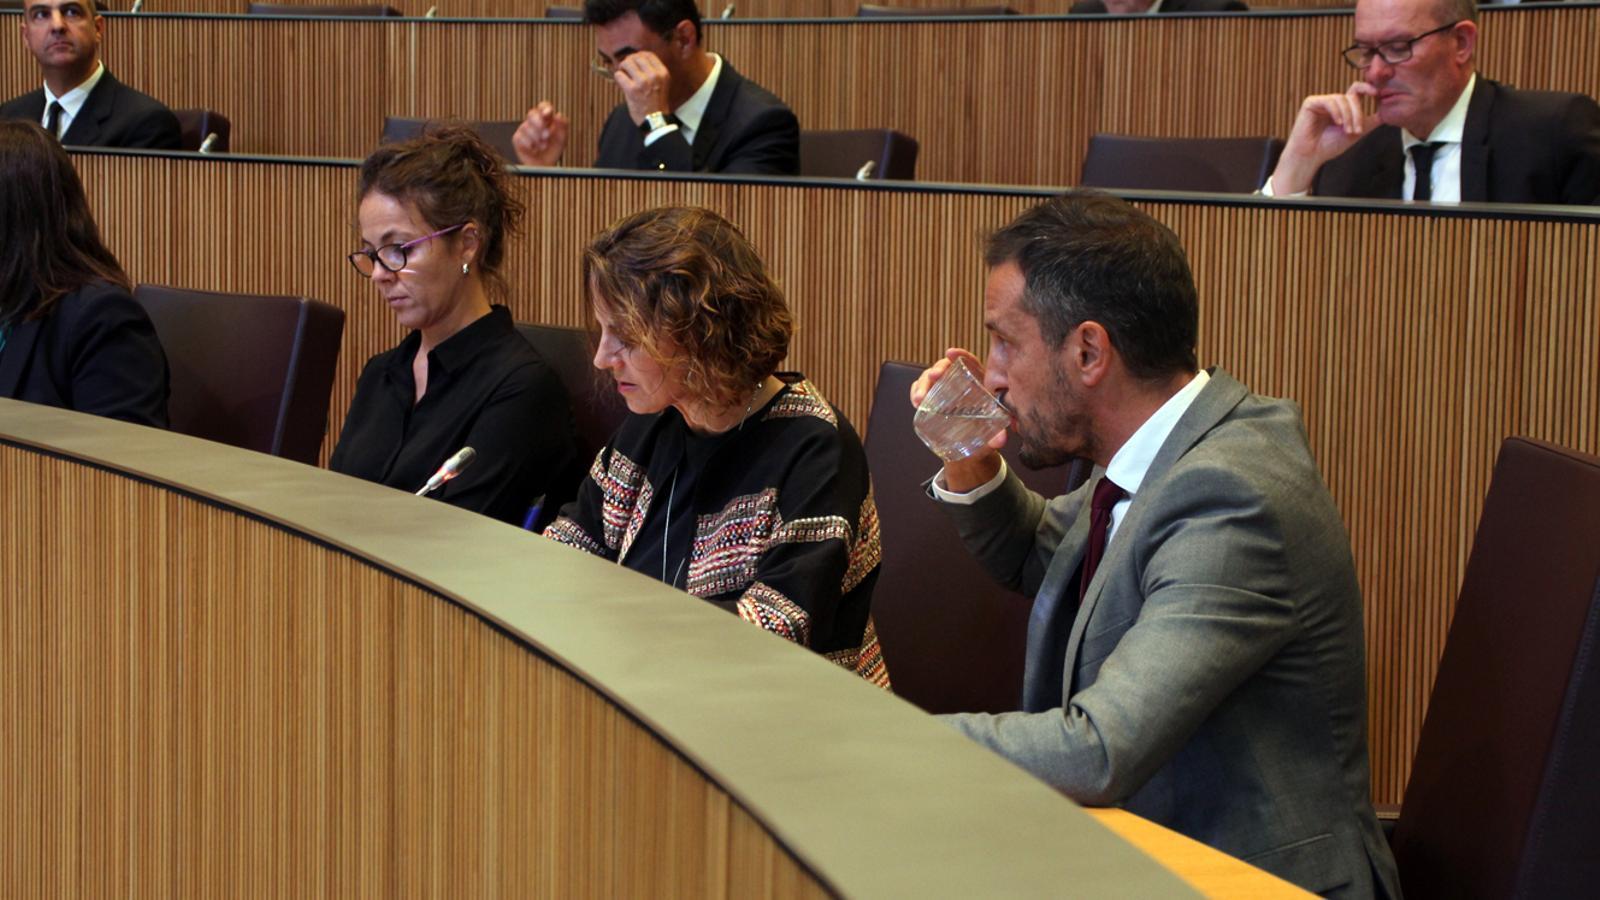 Els consellers del PS, Rosa Gili i Pere López, a la sessió de Consell General d'aquest dimarts. / M. P. (ANA)